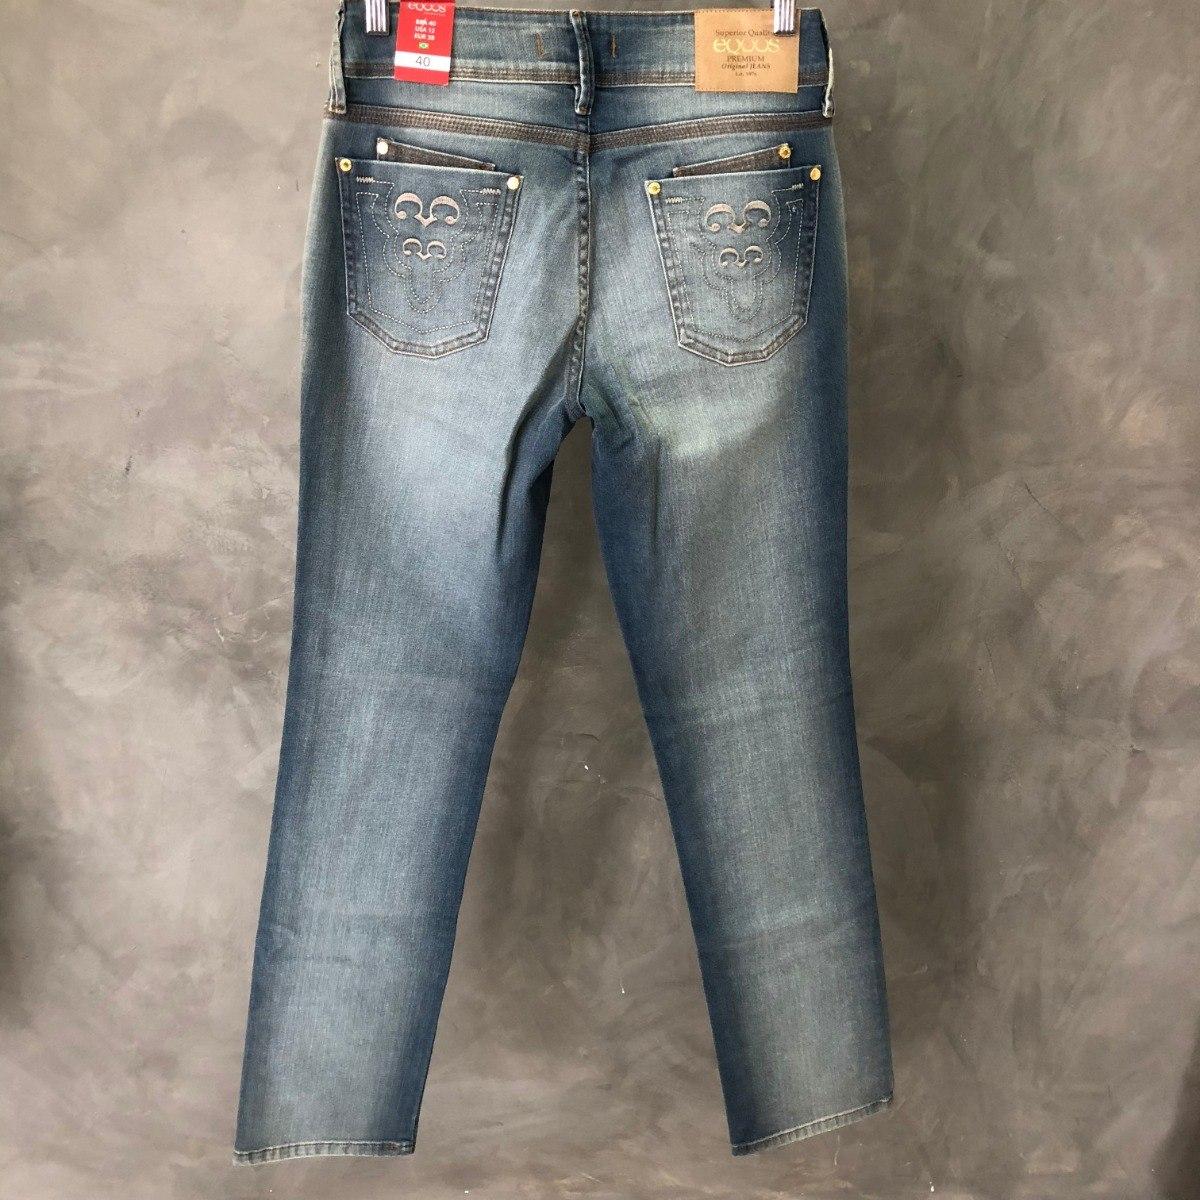 7b4a348d2b calça feminina equus jeans promoção 036. Carregando zoom.